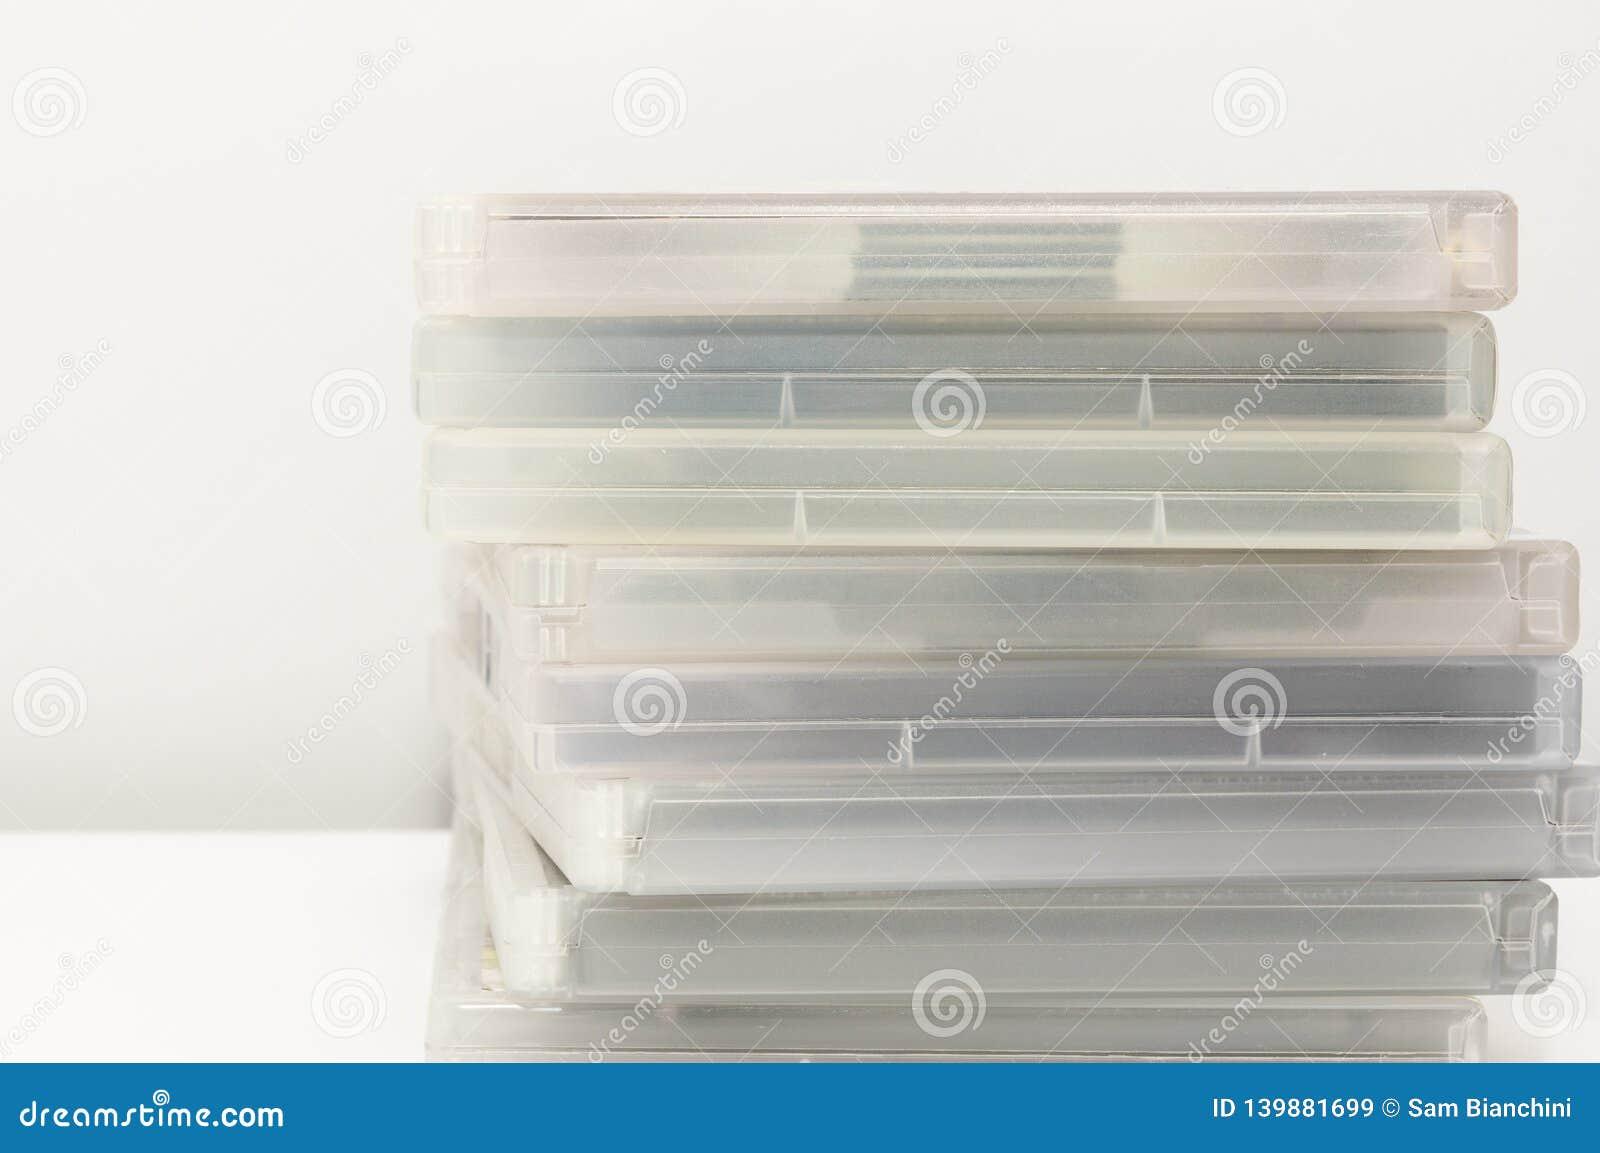 Casse di DVD impilate su superficie